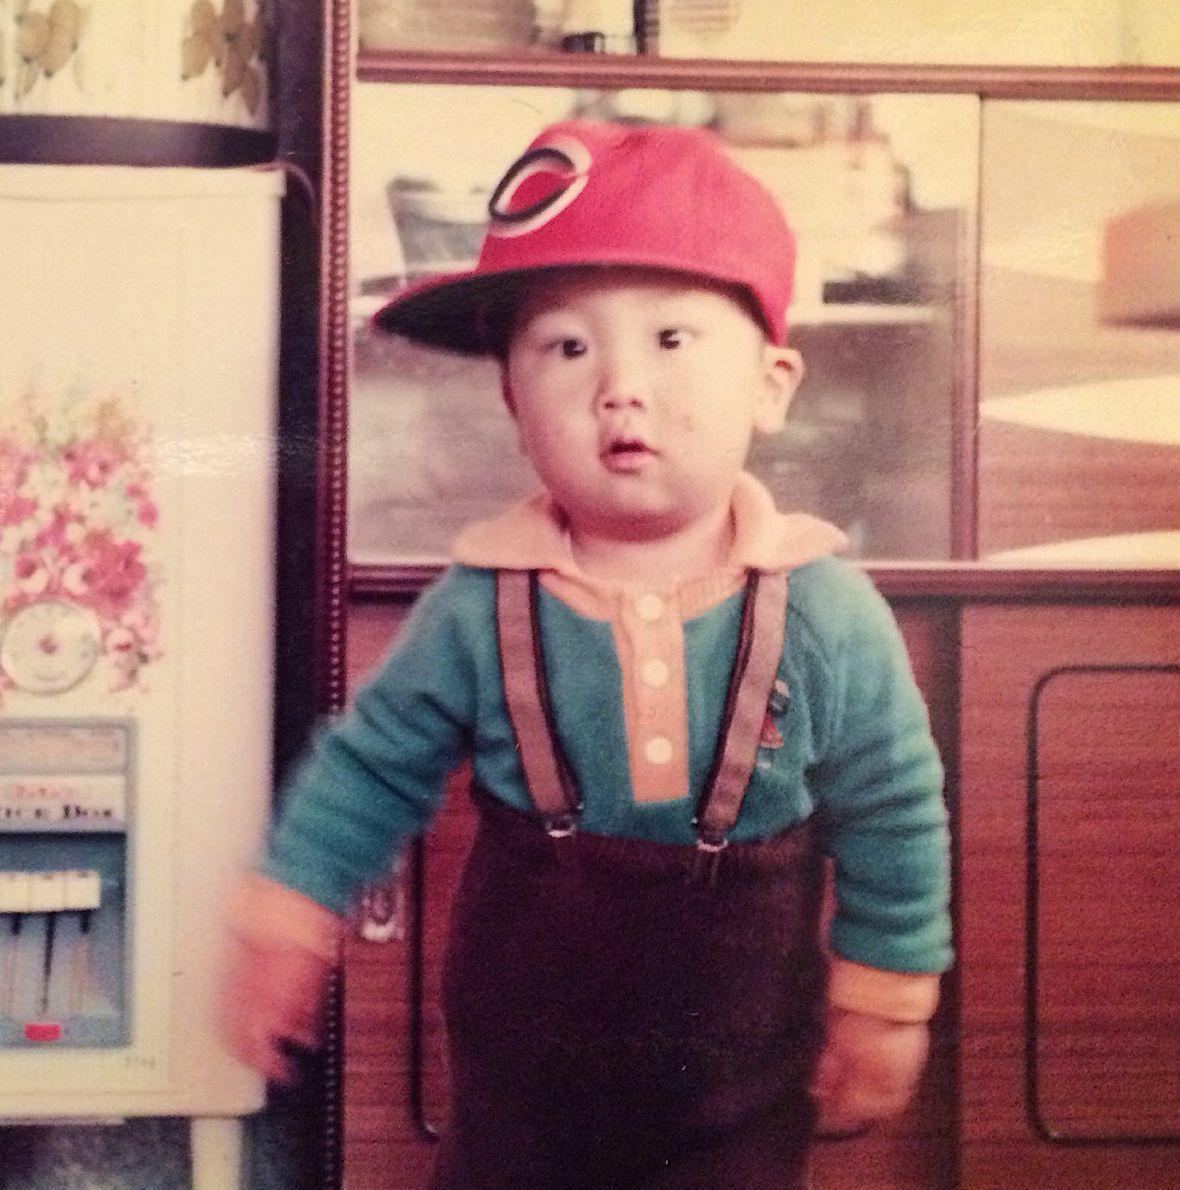 カープ帽を被る幼少期の筆者 ©ガル憎